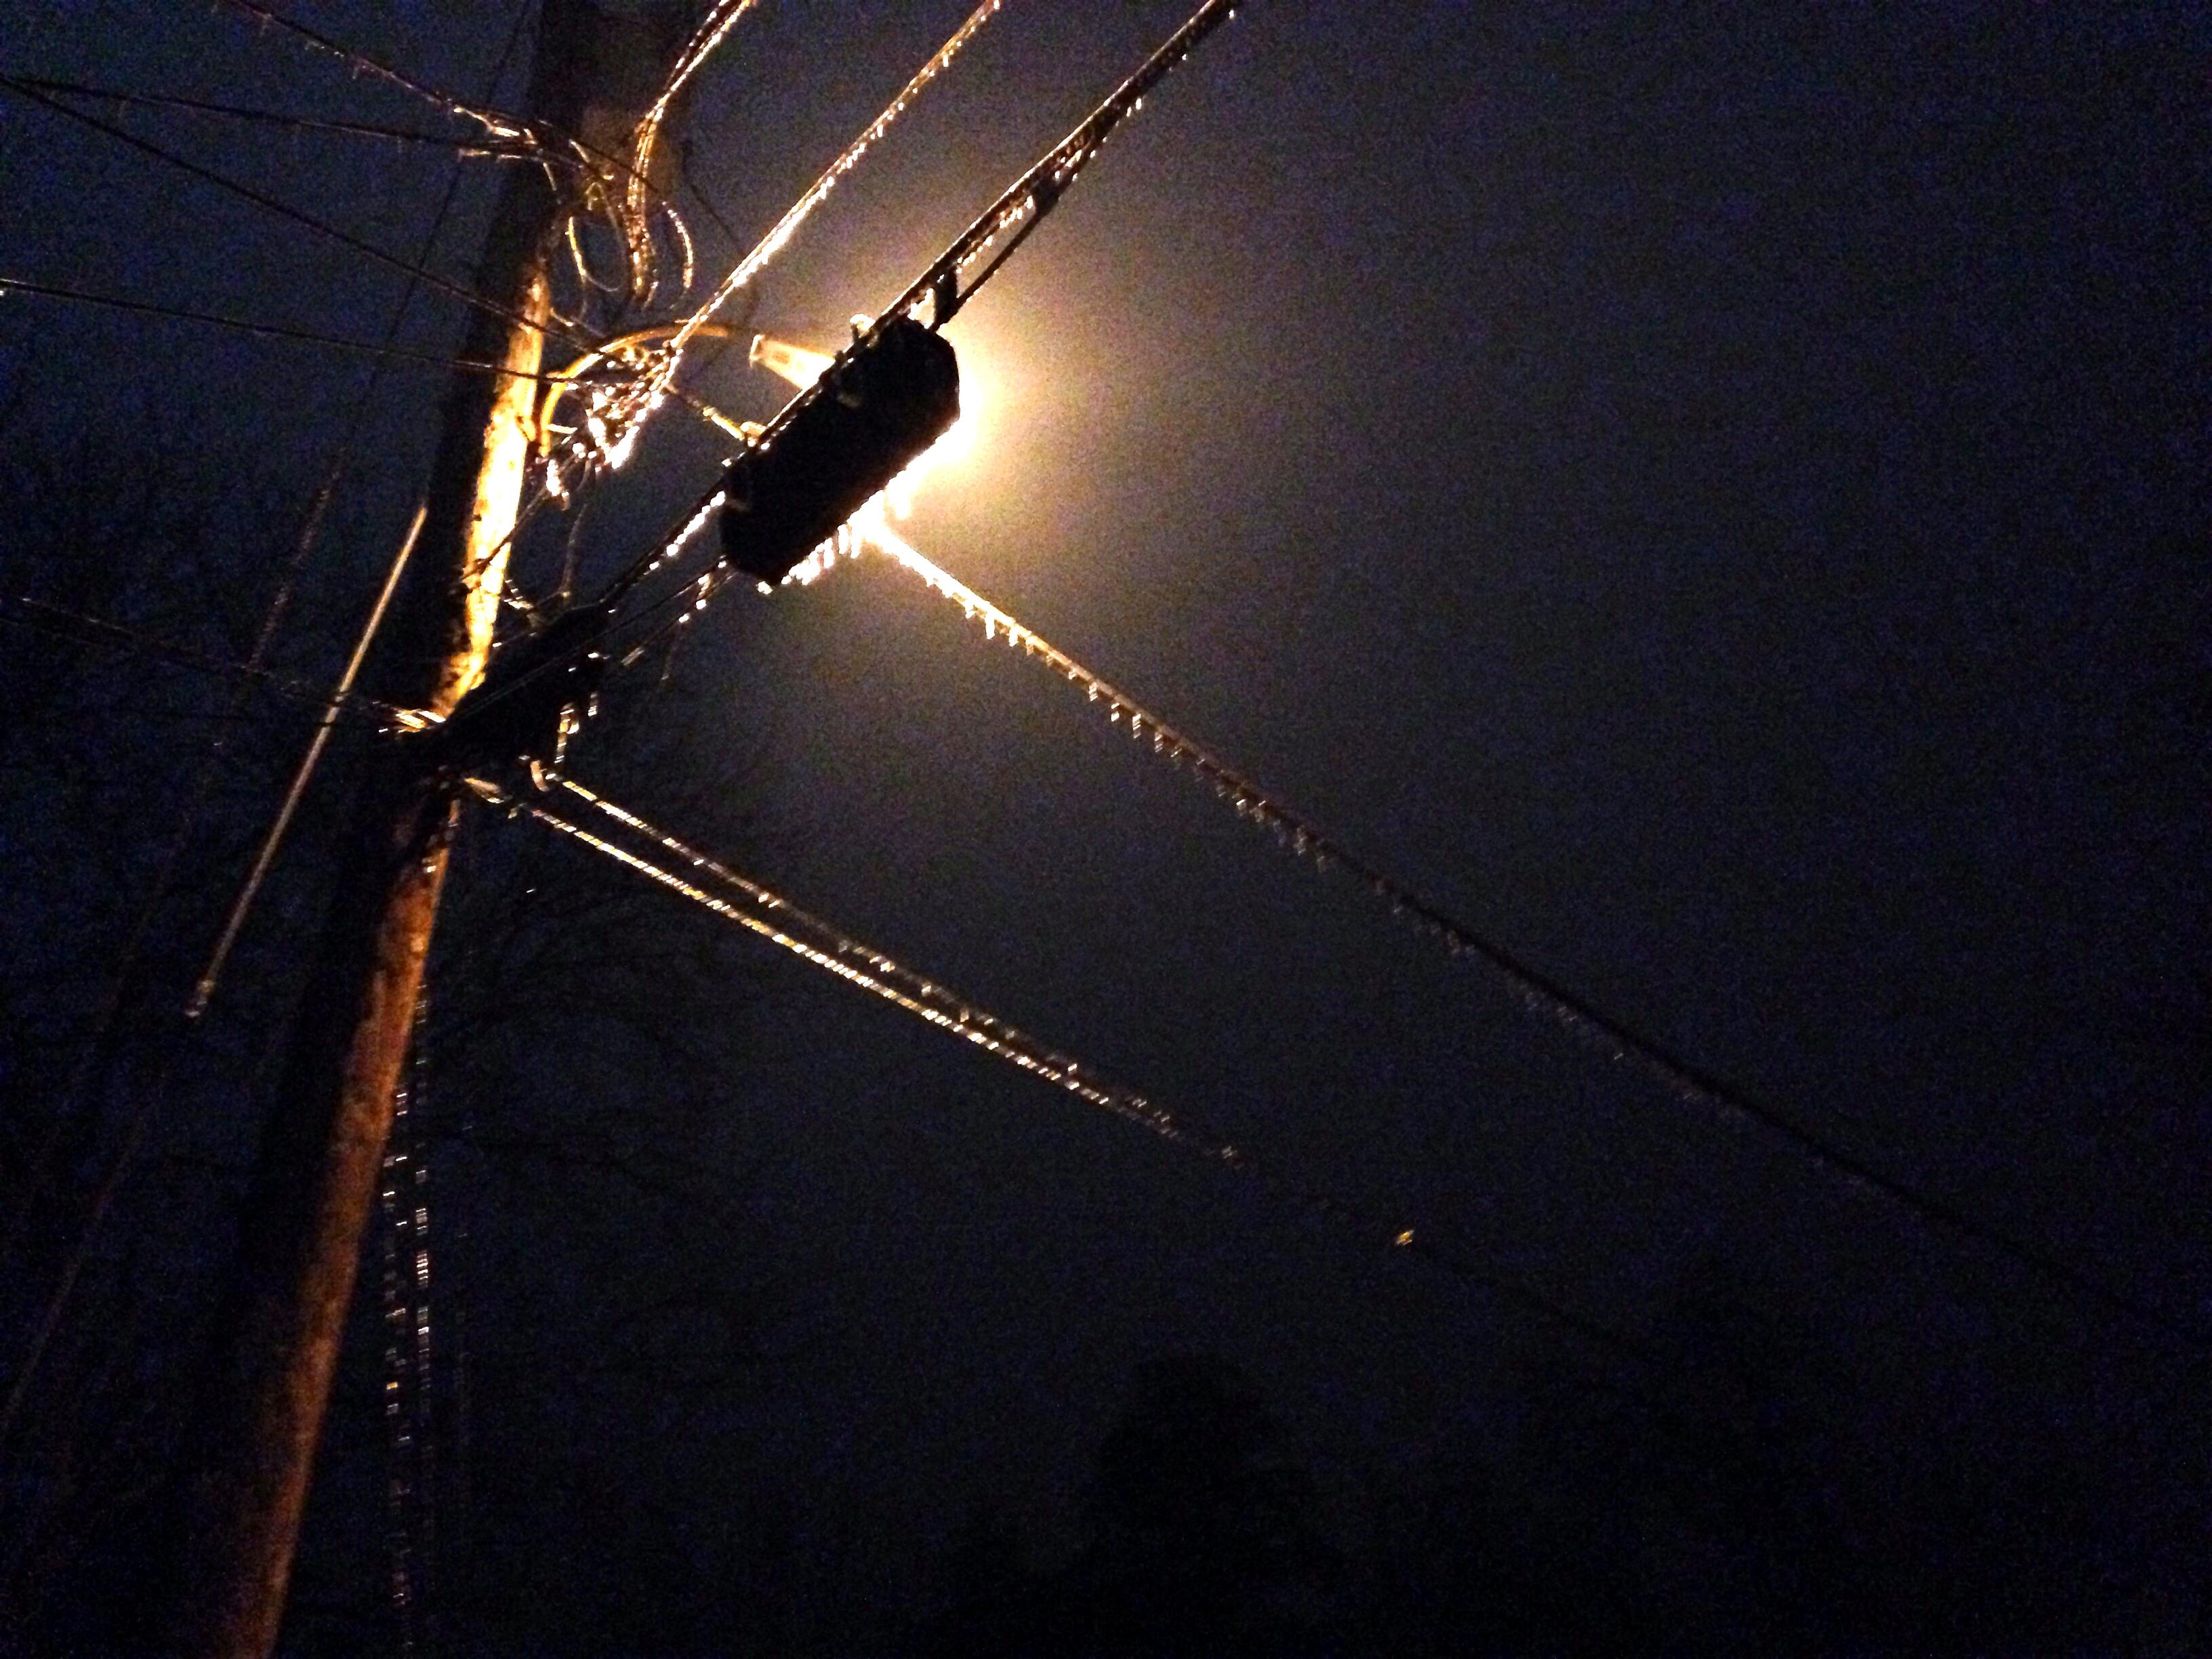 Photos: Ice, fog cover D.C. area